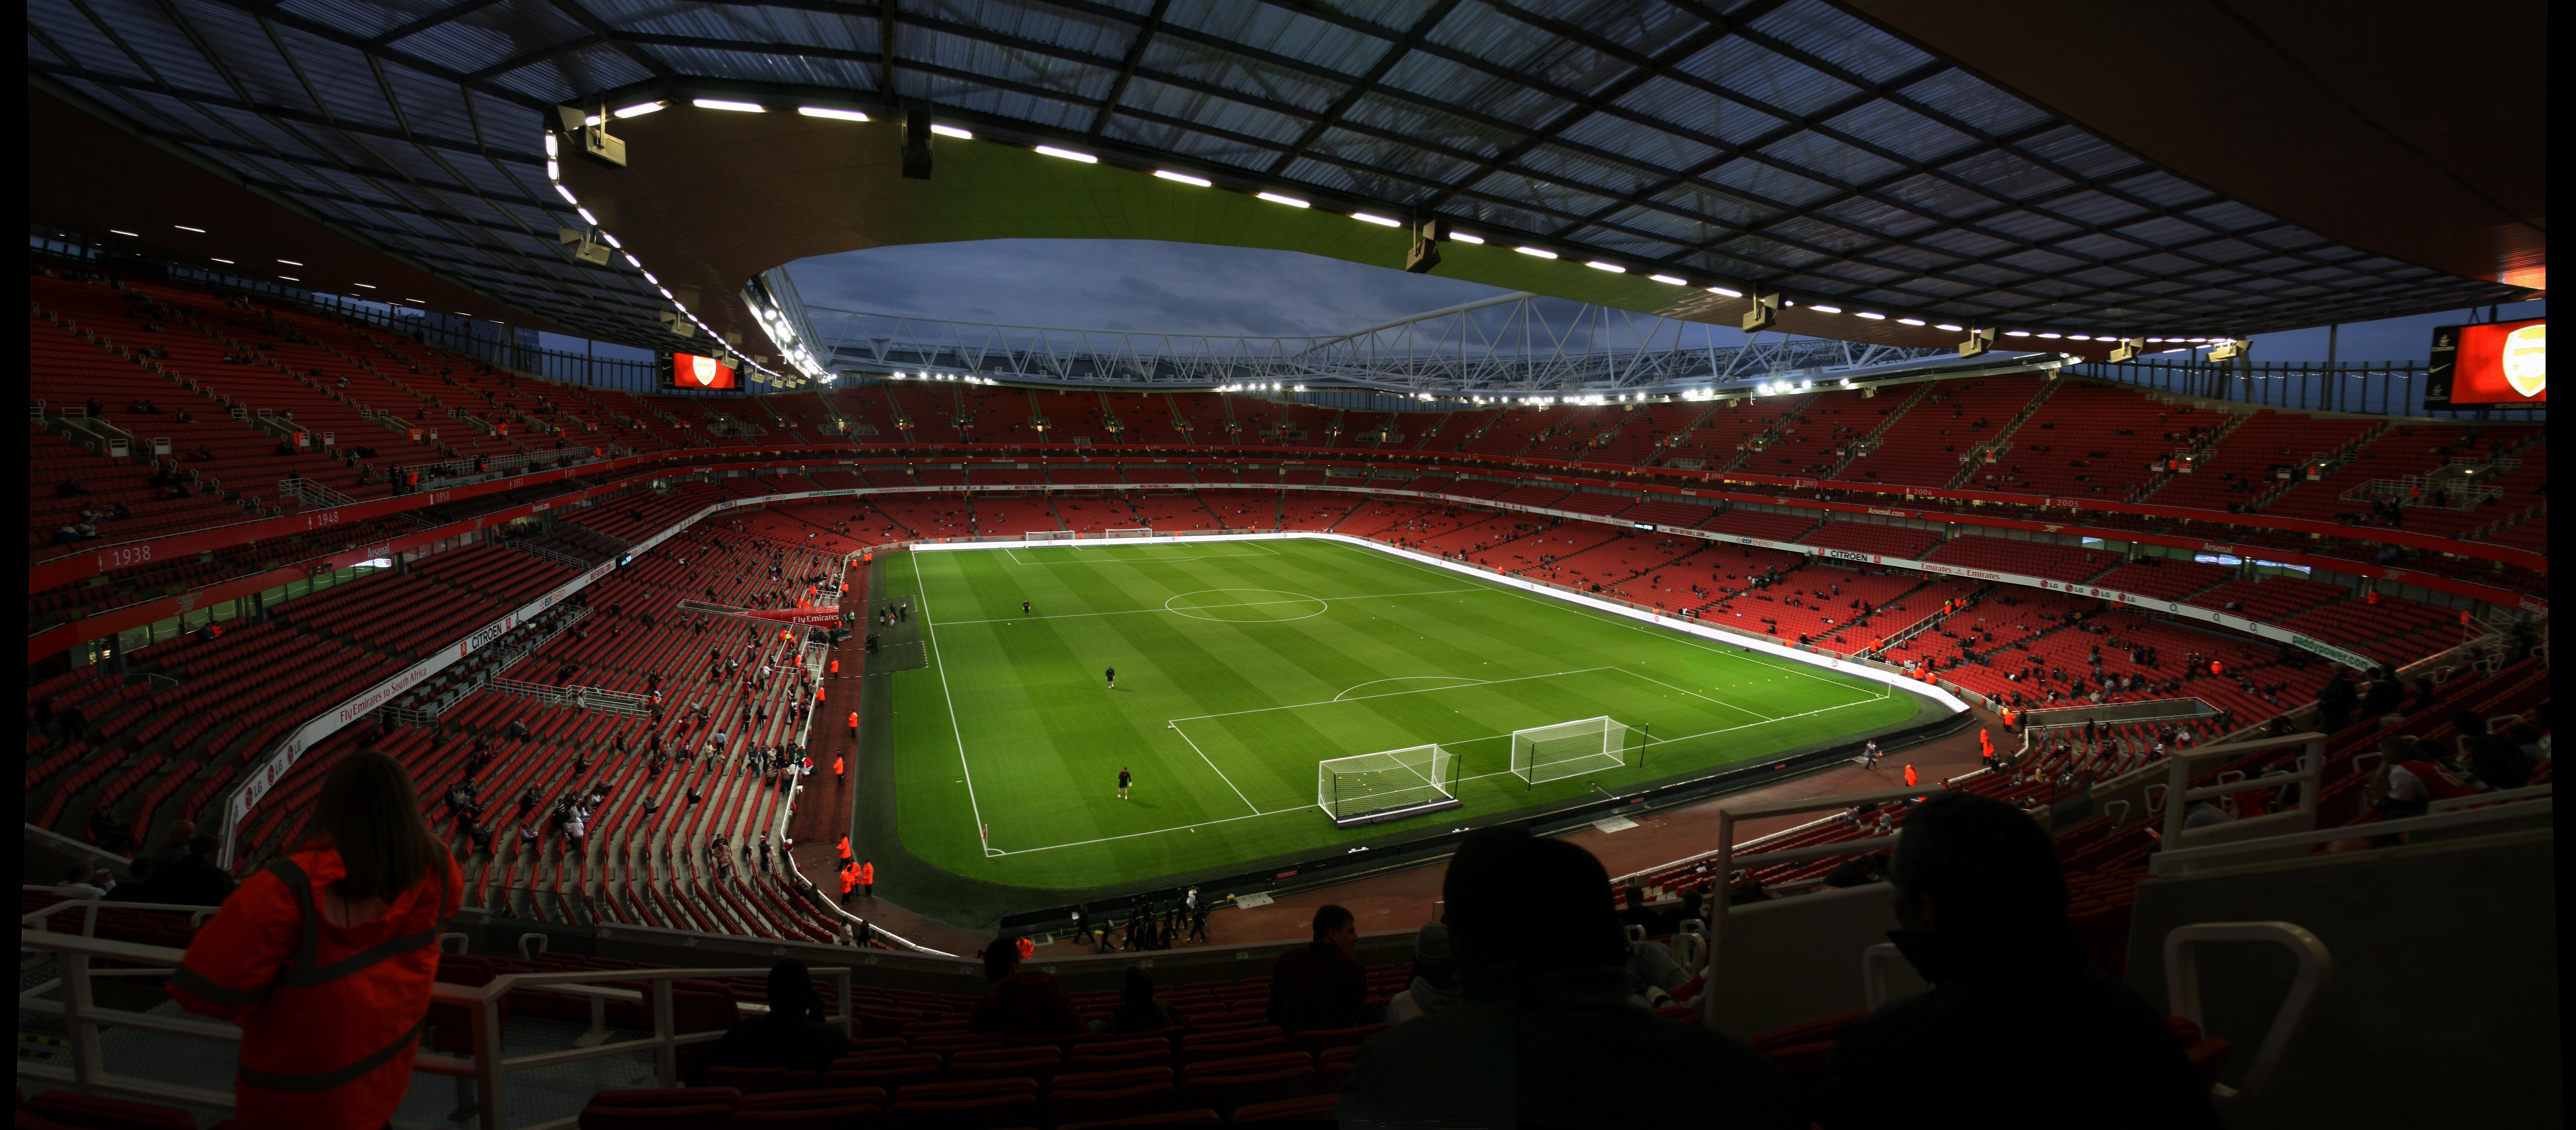 Arsenal Emirates Stadium Wallpaper Hd Epic Wallpaperz 9734x4271